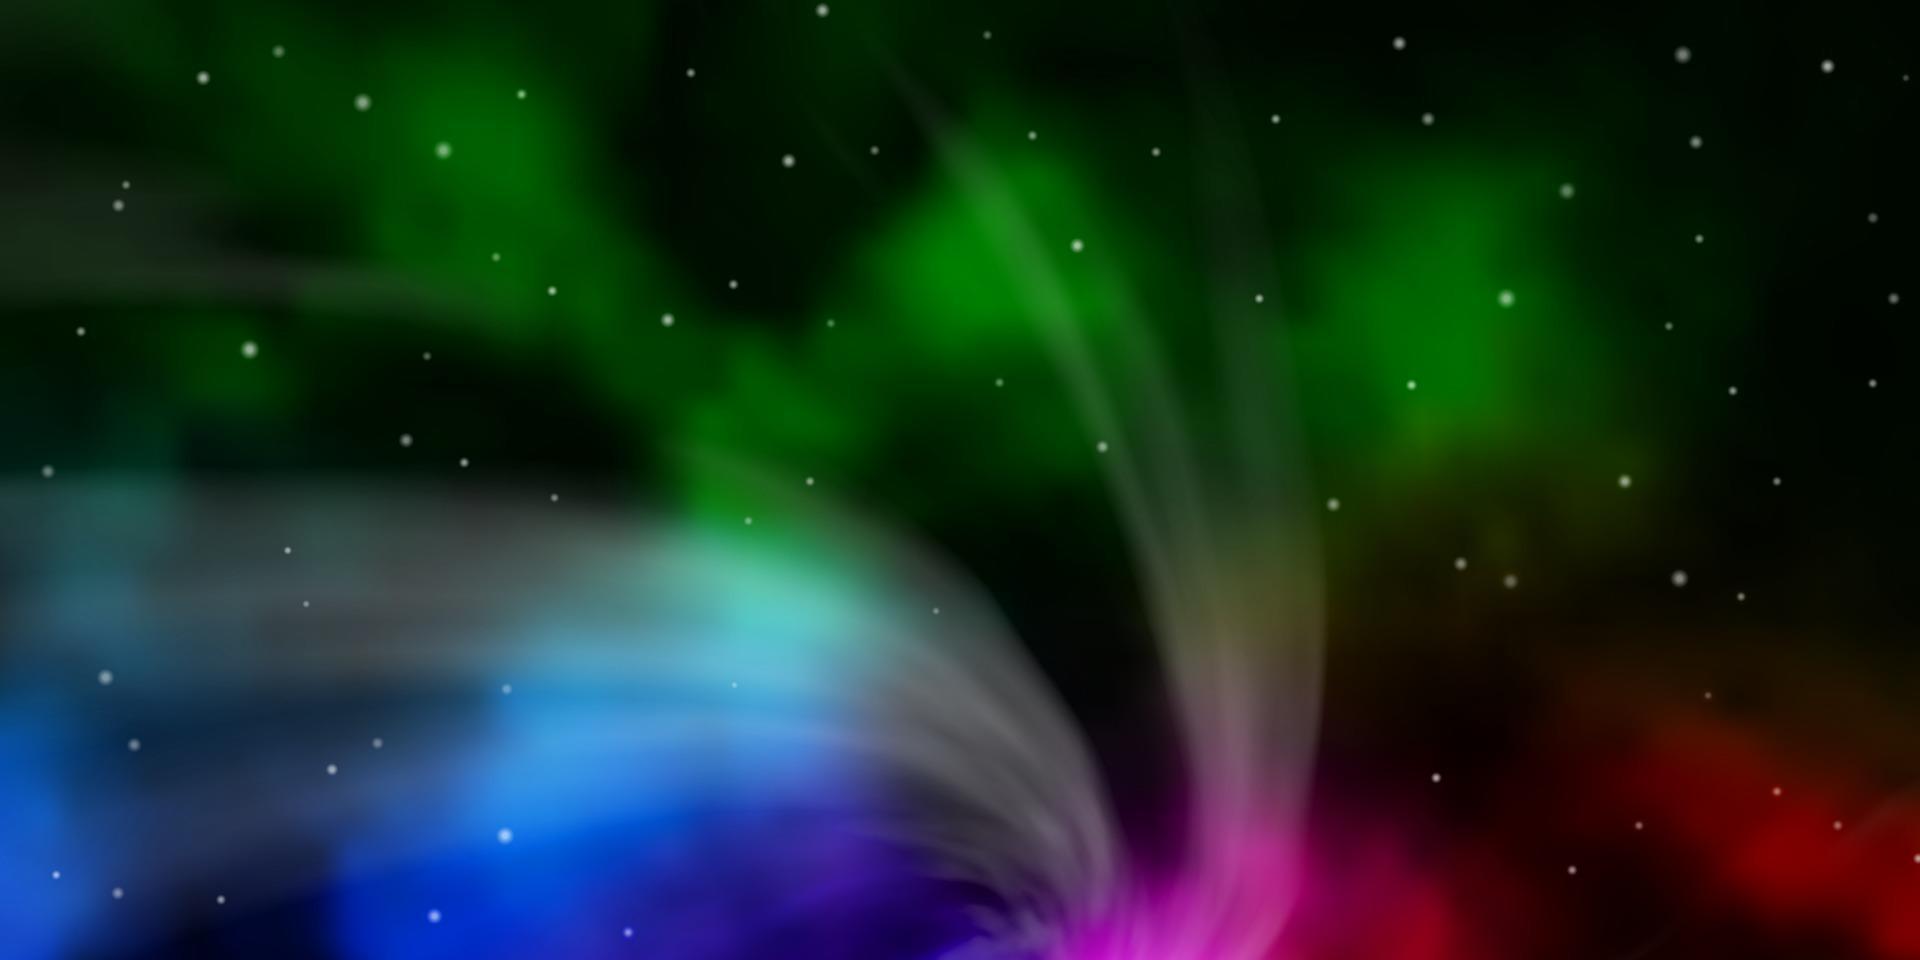 trama vettoriale rosa scuro, verde con bellissime stelle.